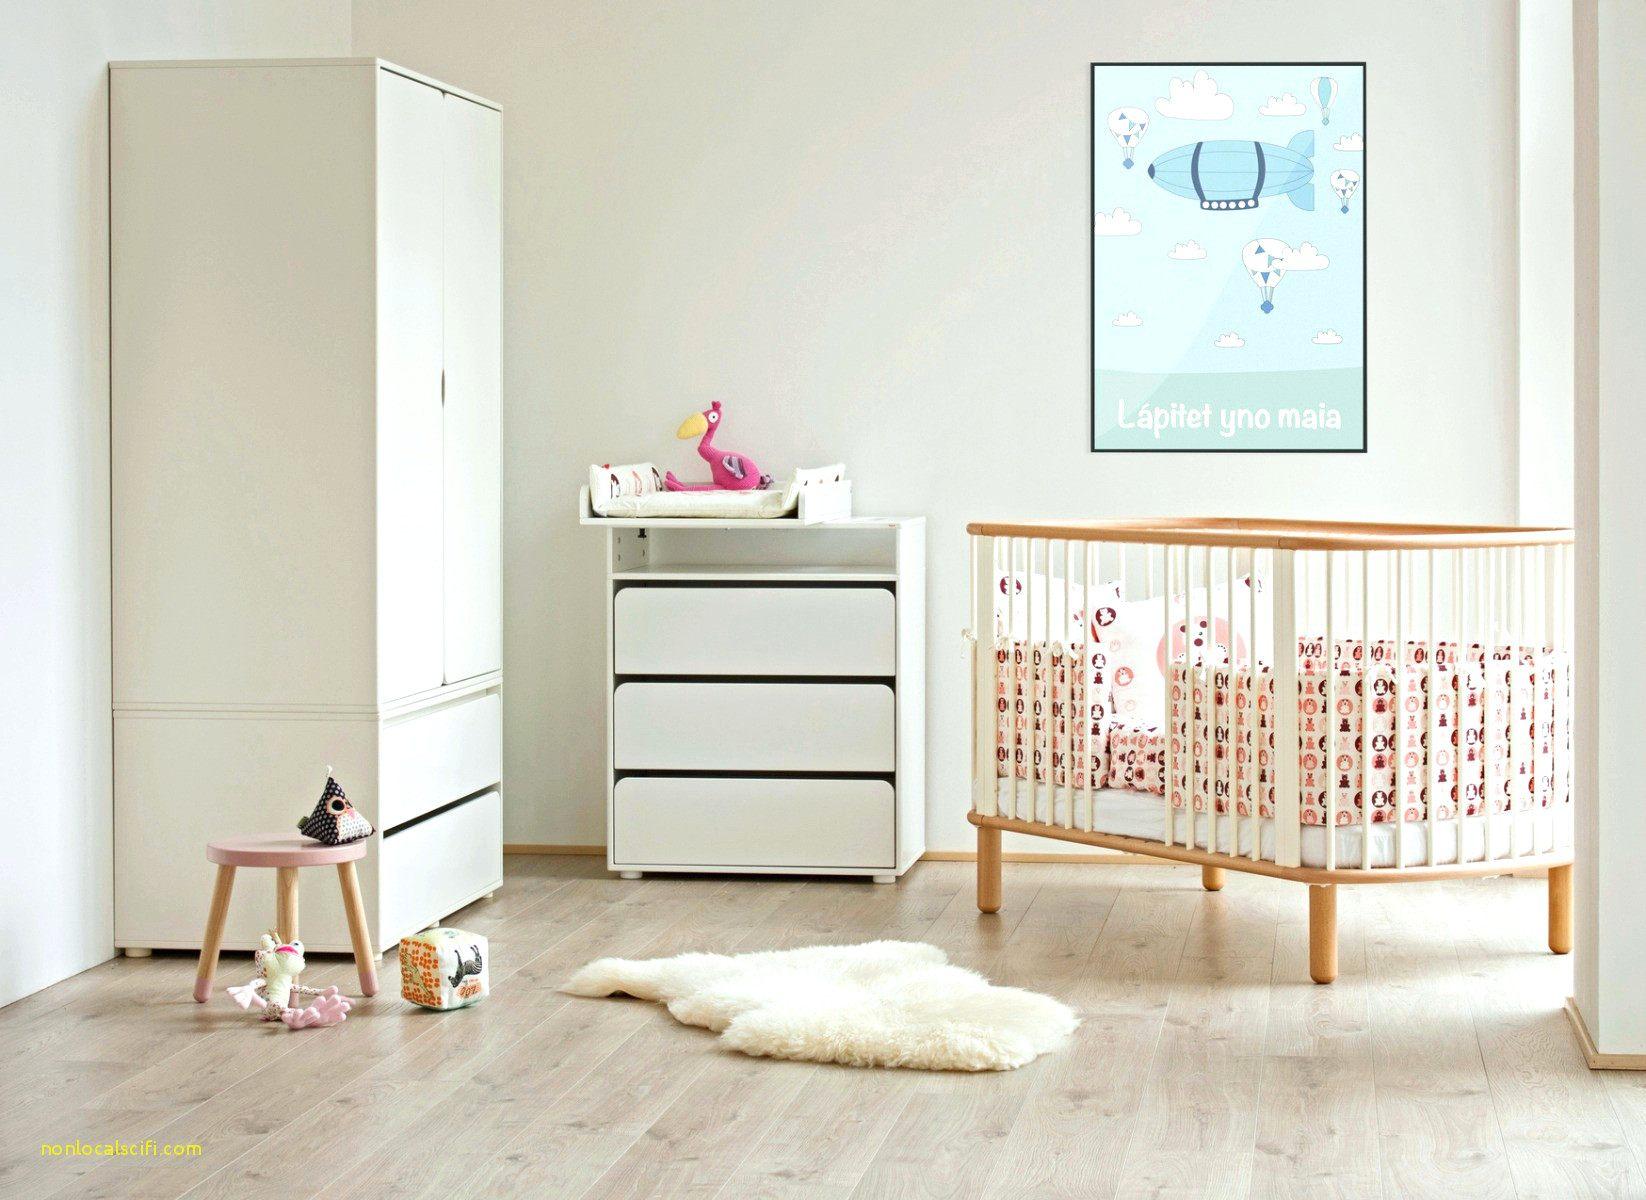 Lit Simple Enfant Meilleur De Tete De Lit Pour Lit Simple Beau S Adorable Banquette Chambre